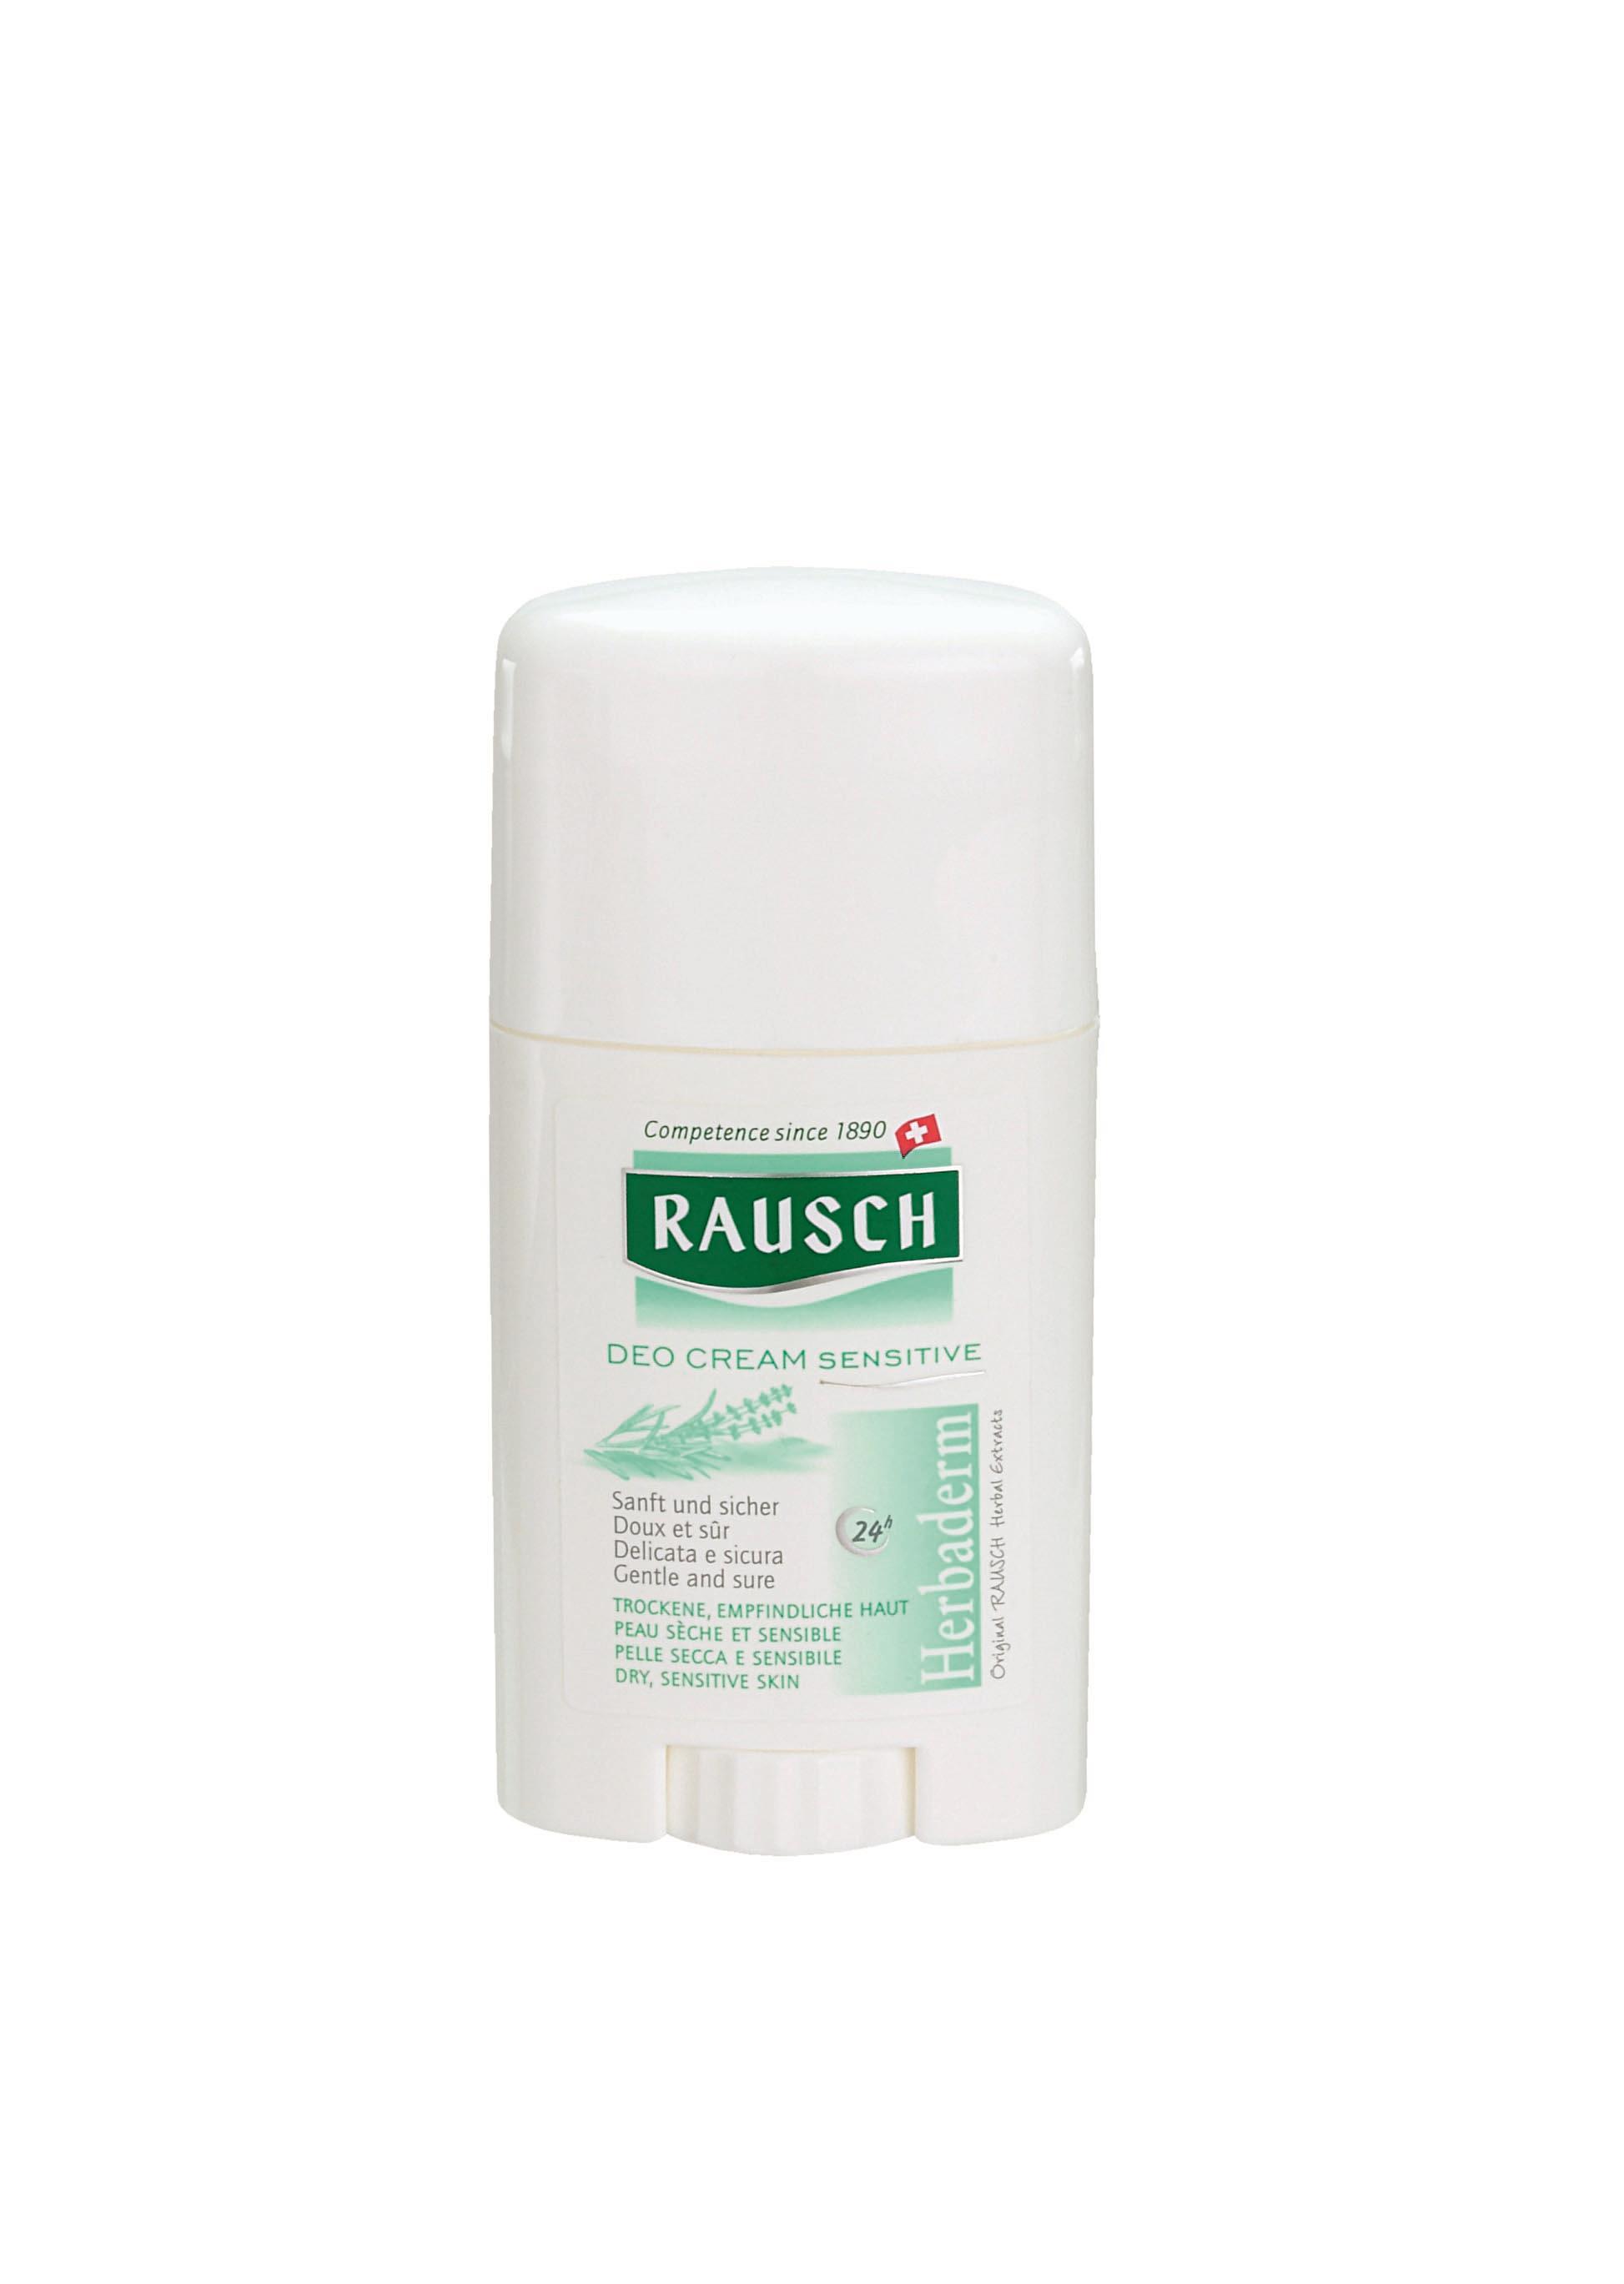 Rausch Deo Cream Sensitive